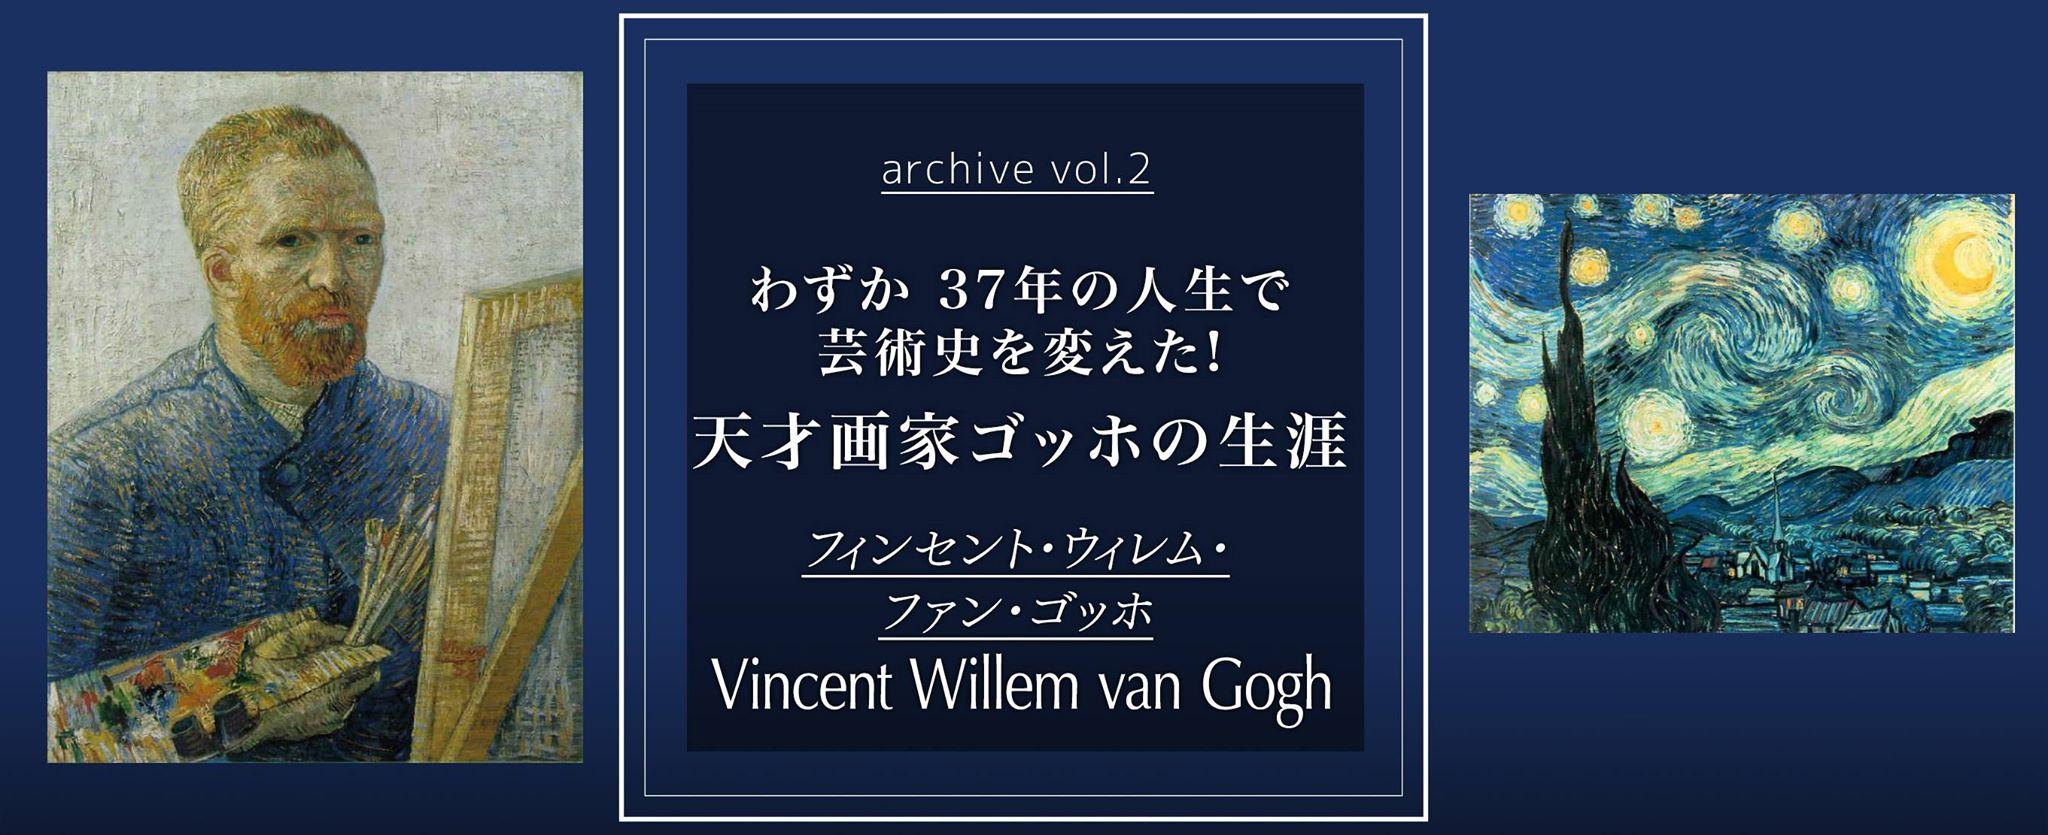 わずか37年の人生で芸術史を変えた!天才画家ゴッホの生涯~Archive vol.2~